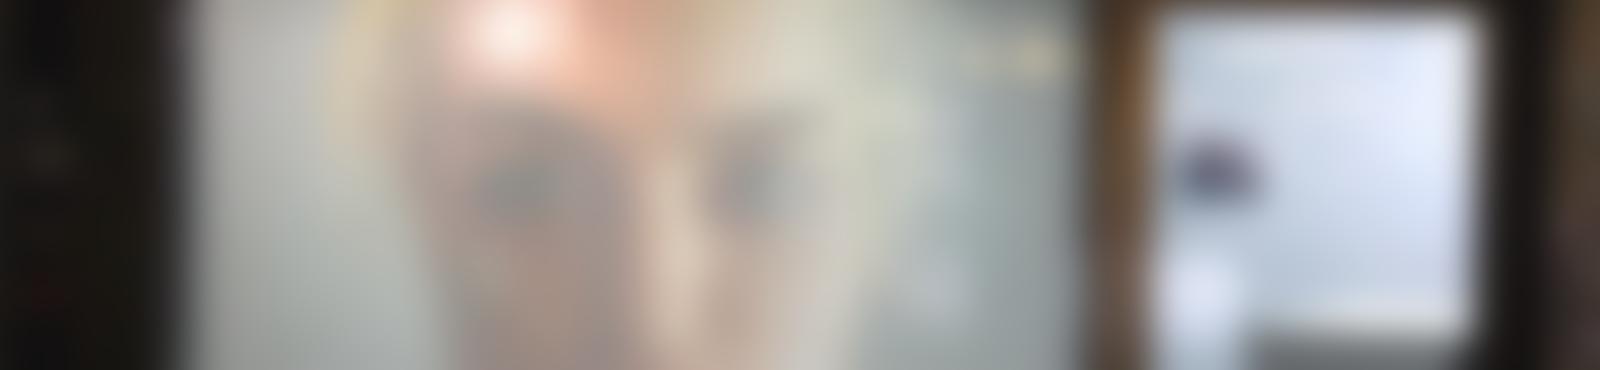 Blurred 12622107 441952759342722 5247557844058225376 o